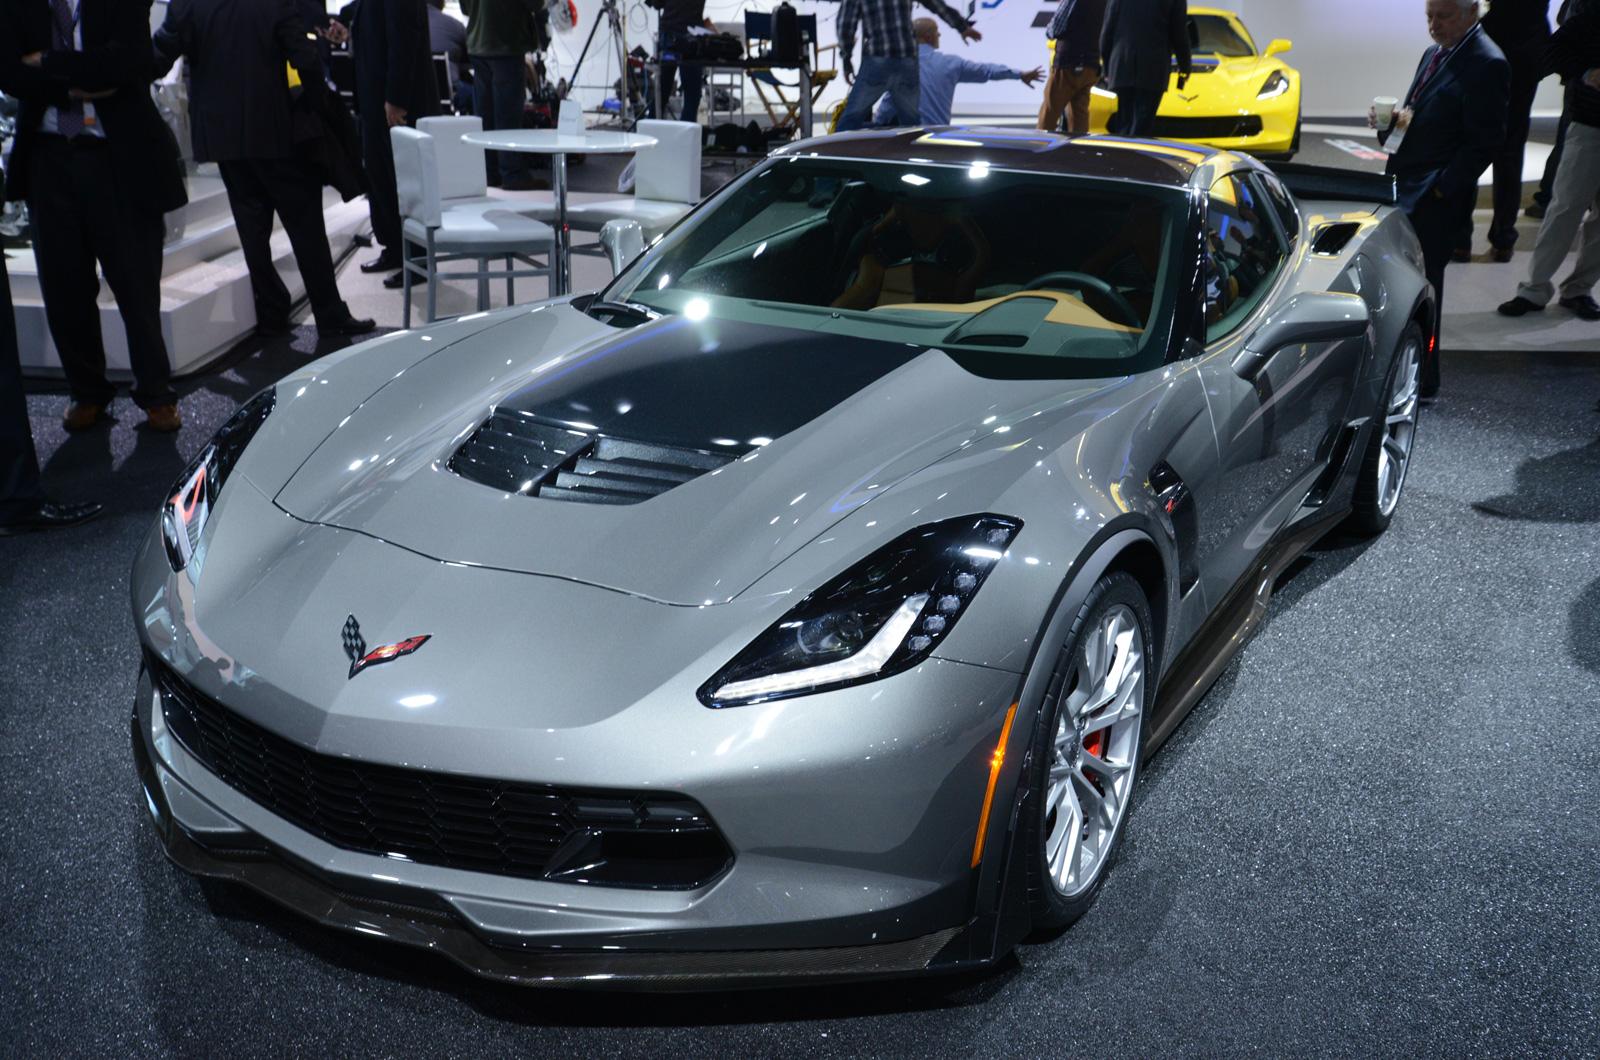 Corvette chevy corvette c7 : New supercharged 625bhp Chevrolet Corvette C7 Z06 launched